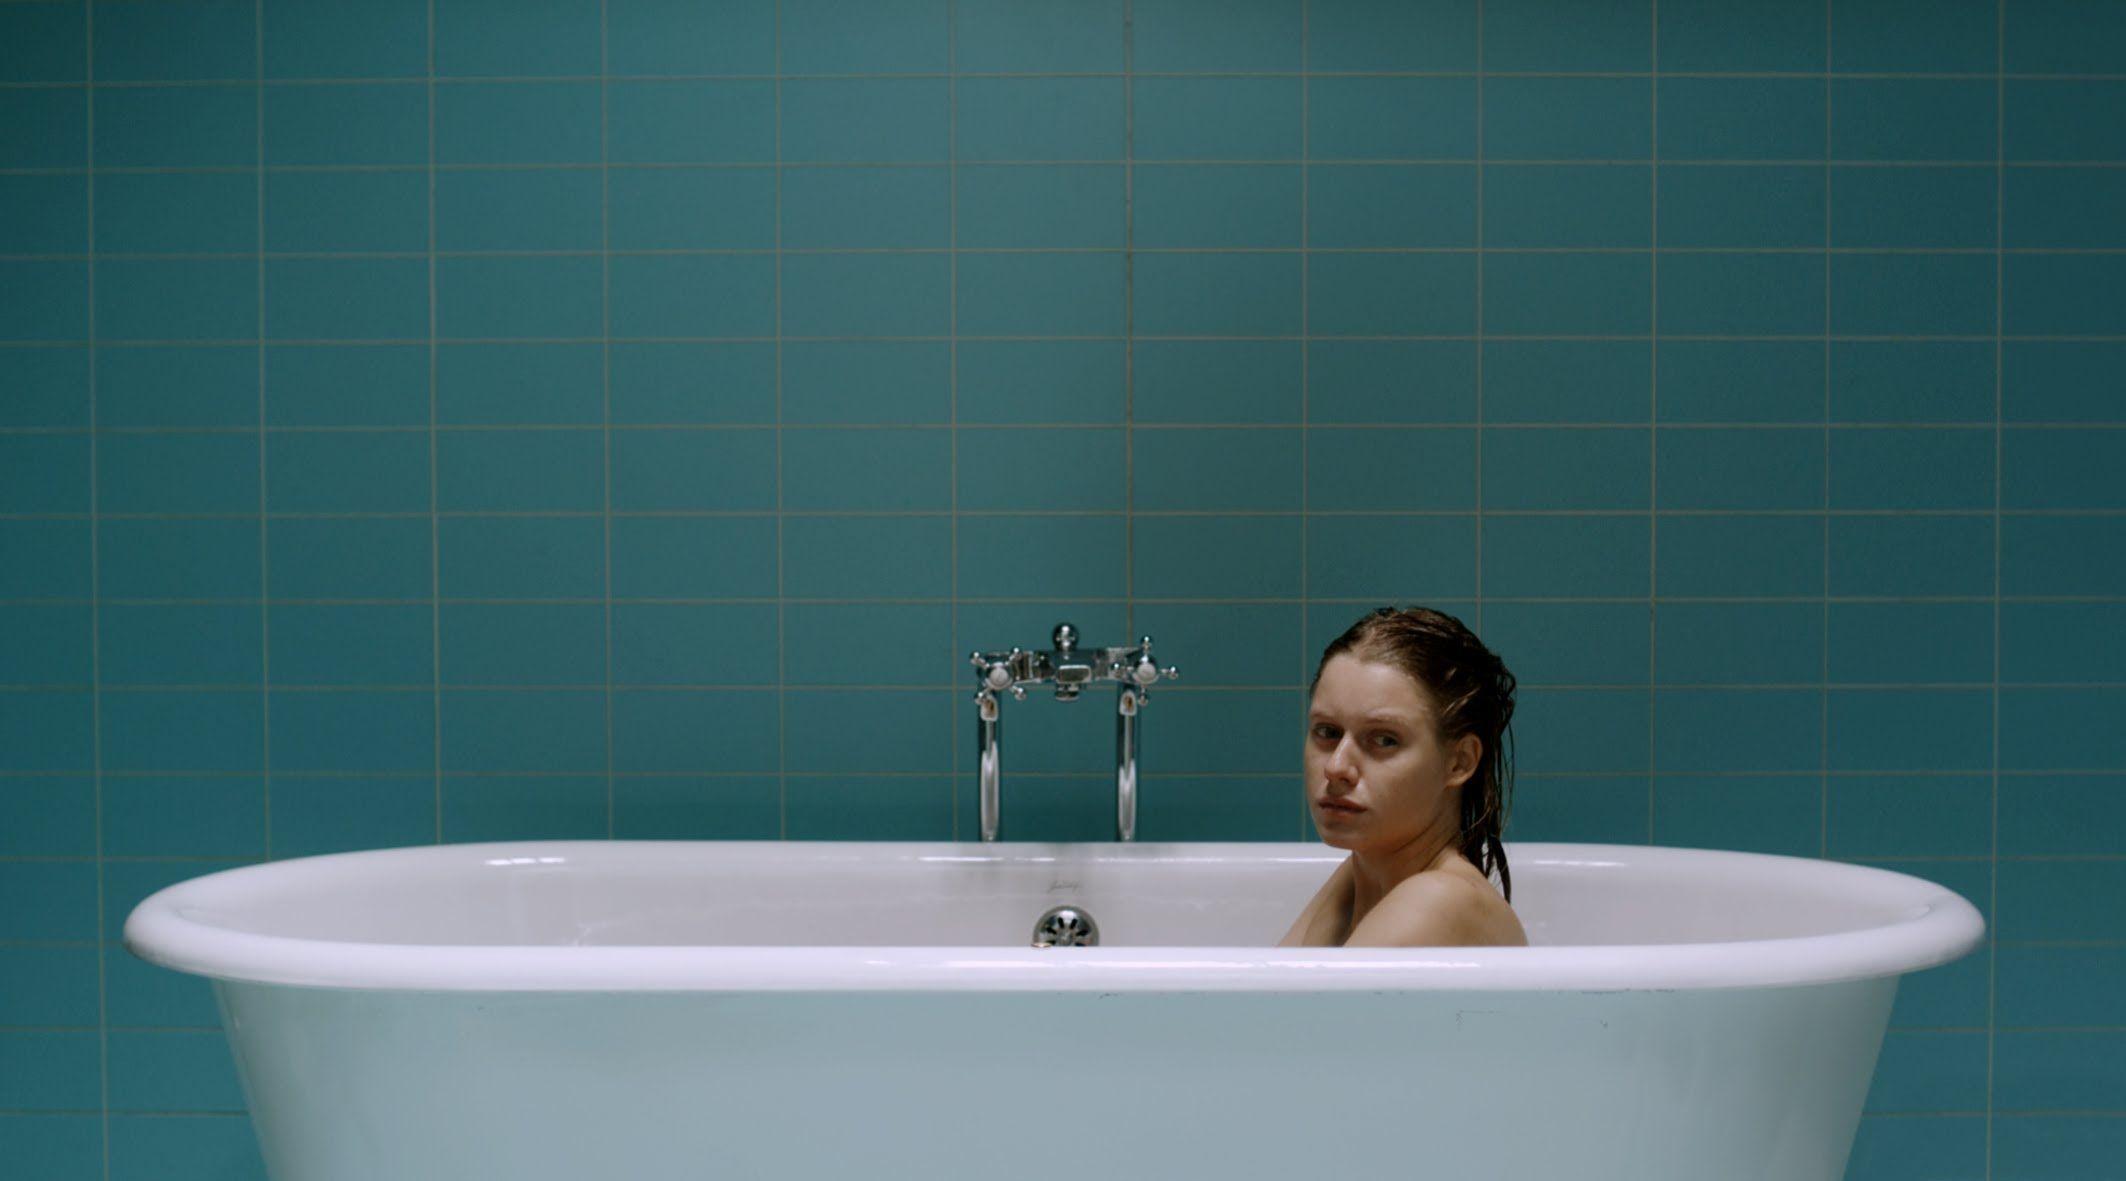 EL ORDEN DE LAS COSAS (Full Short Film - 2010)La vida de Julia transcurre en la bañera. Gota a gota irá reuniendo el valor necesario para cambiar el orden de las cosas.